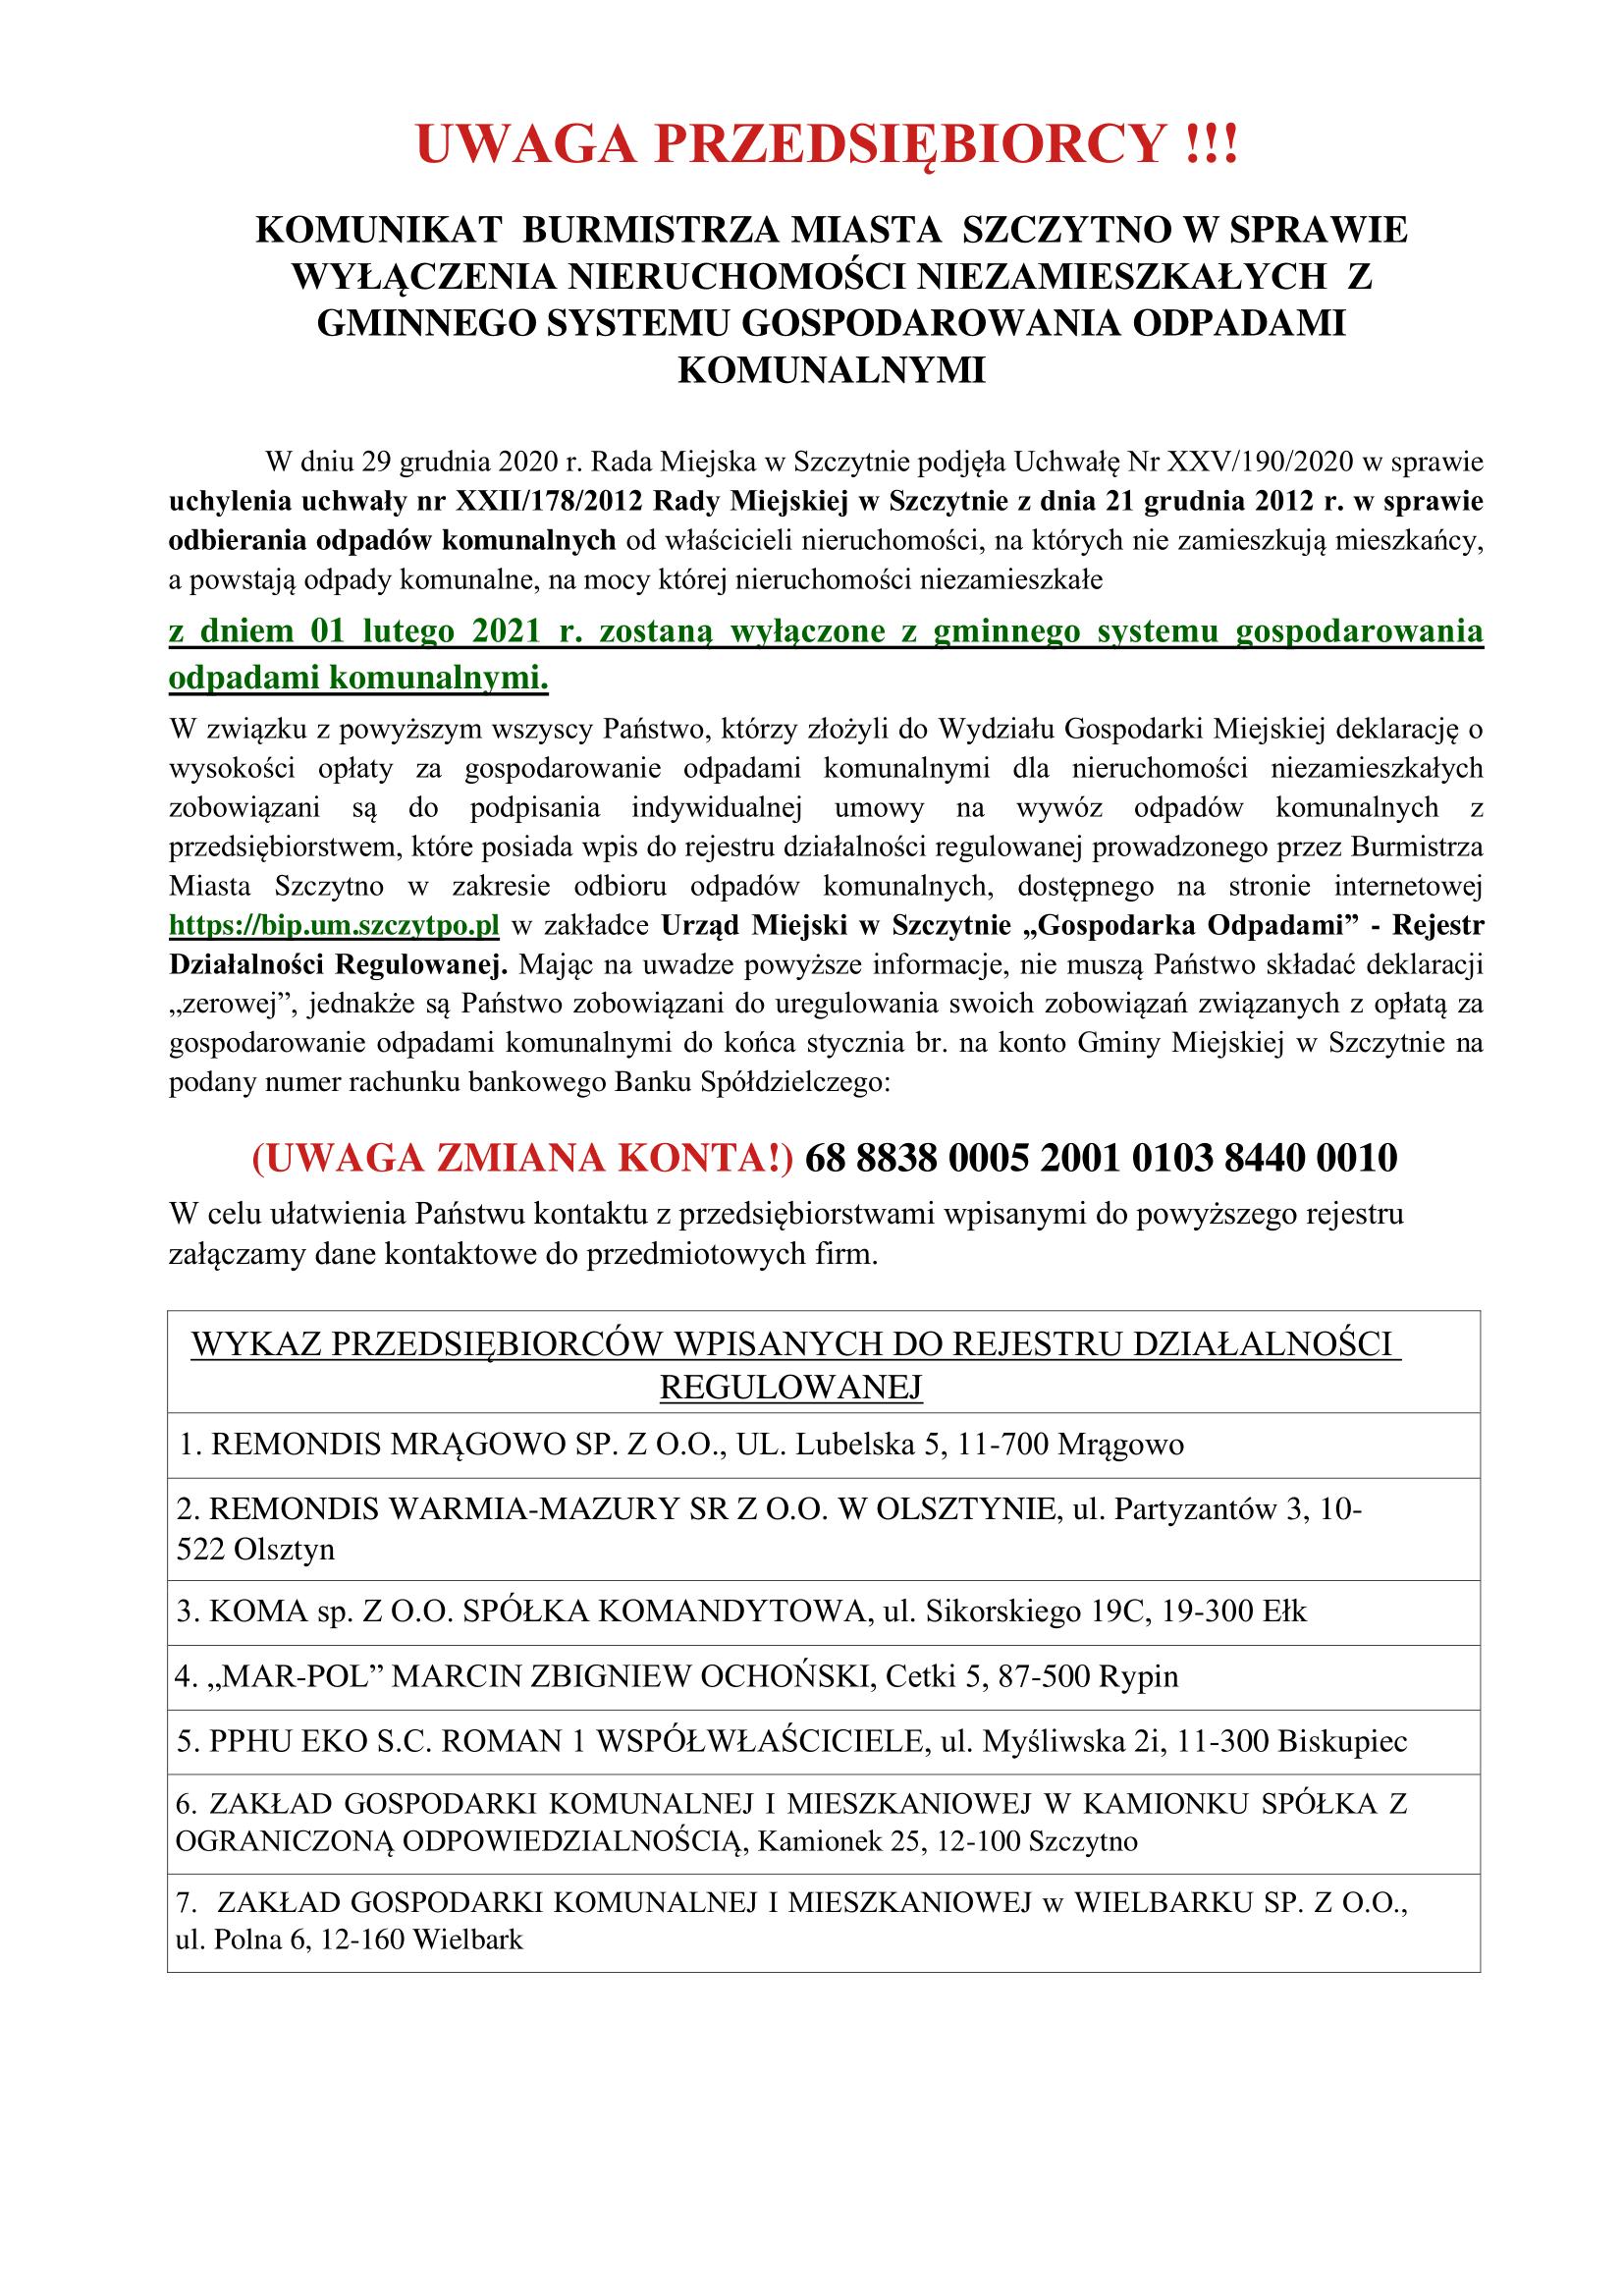 https://m.powiatszczycienski.pl/2021/01/orig/komunikat-burmistrza-w-sprawie-wylaczenia-nieruchomosci-1-37635.png